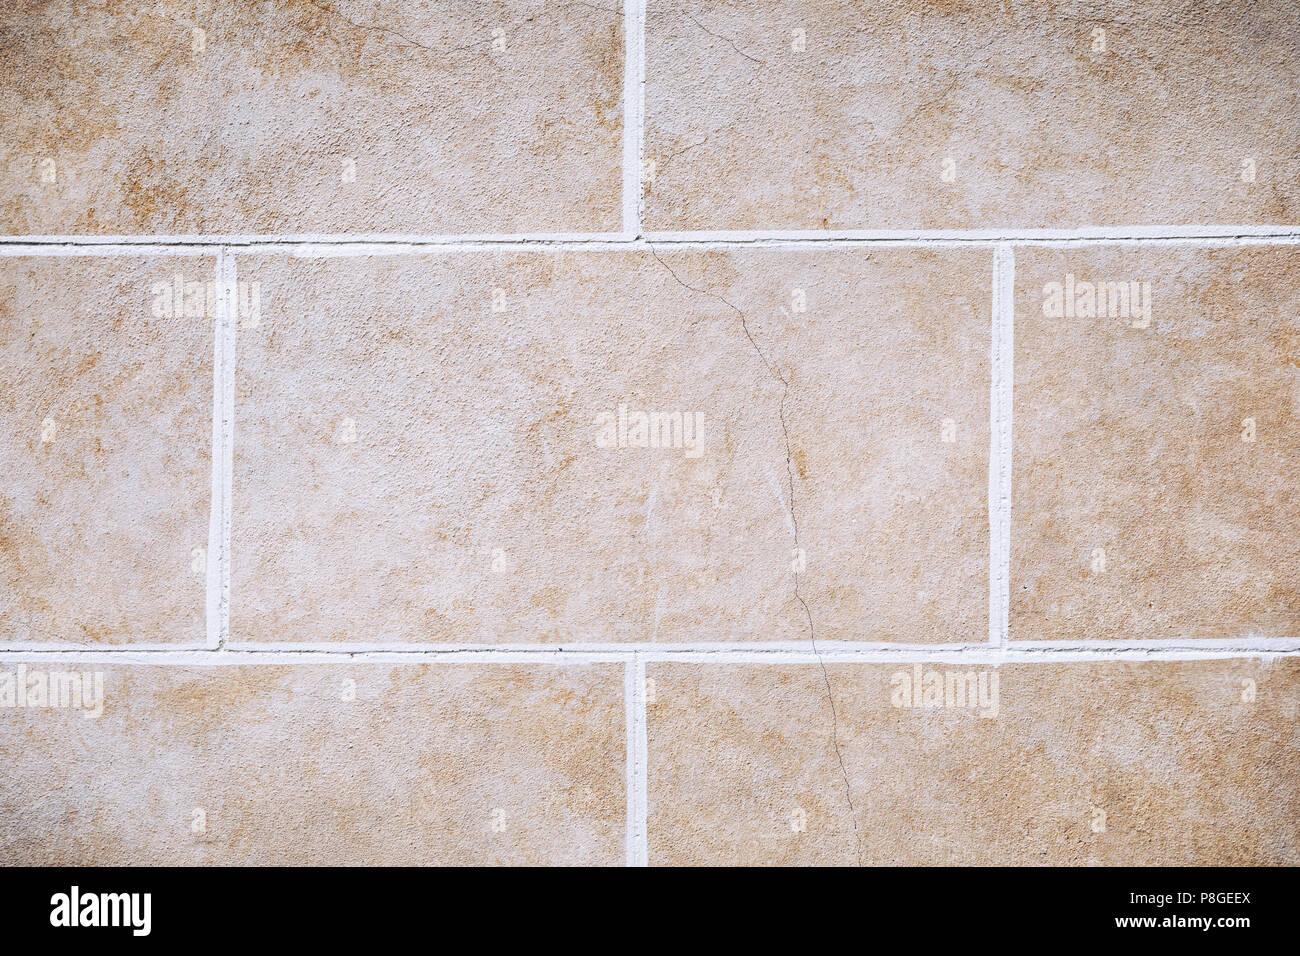 Burgersteig Fliesen Textur Hintergrund Graues Quadrat Pflaster